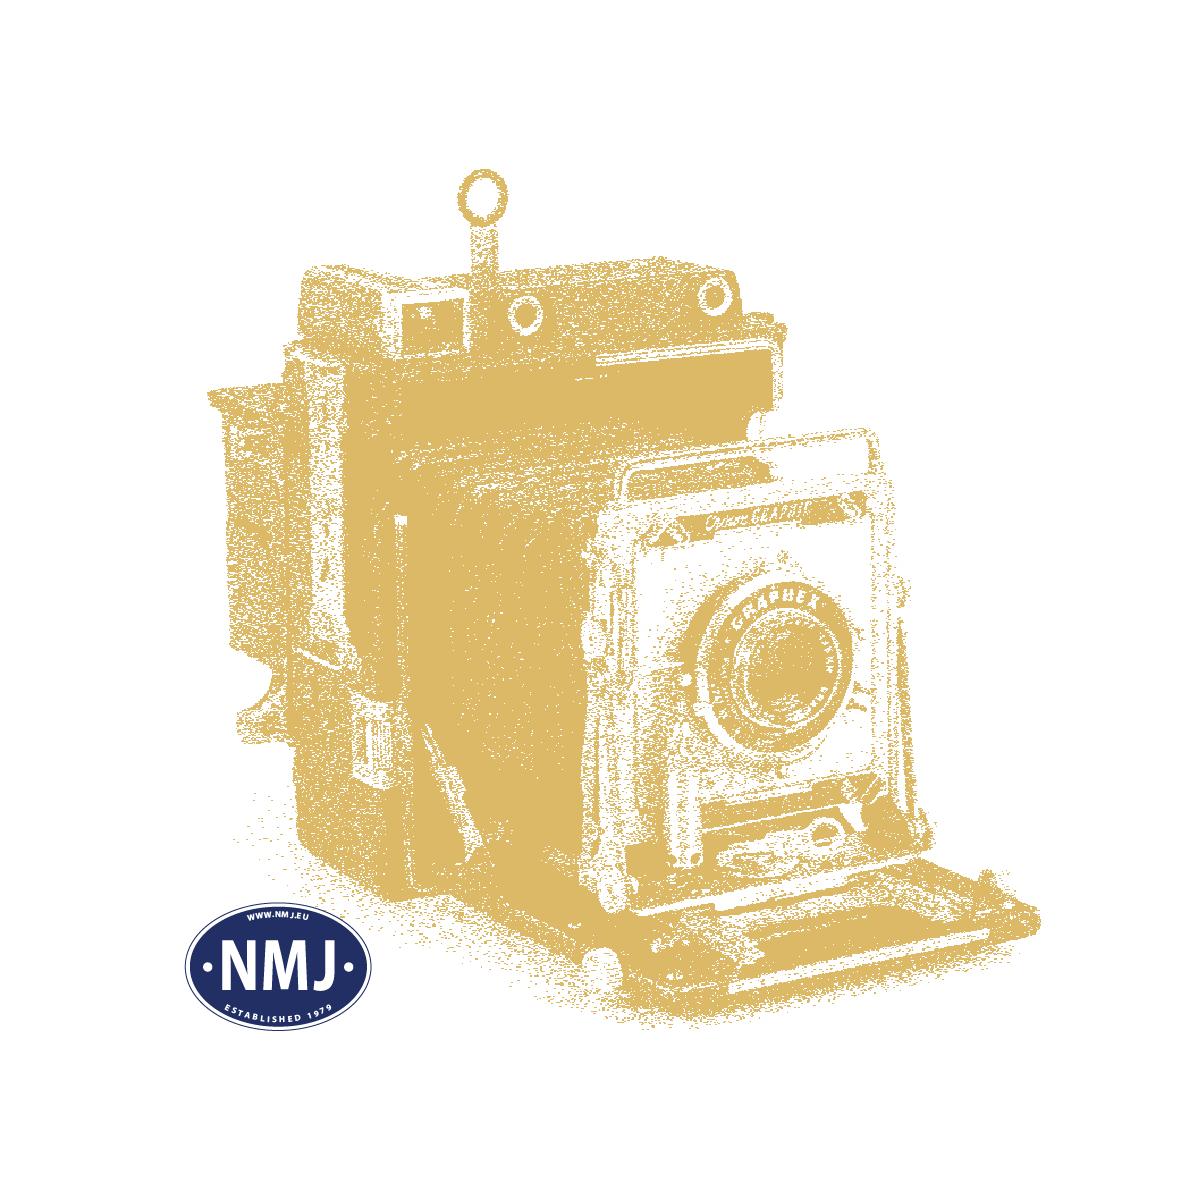 NOC36052 - Feier med tilbehør, 4 stk, N-Skala